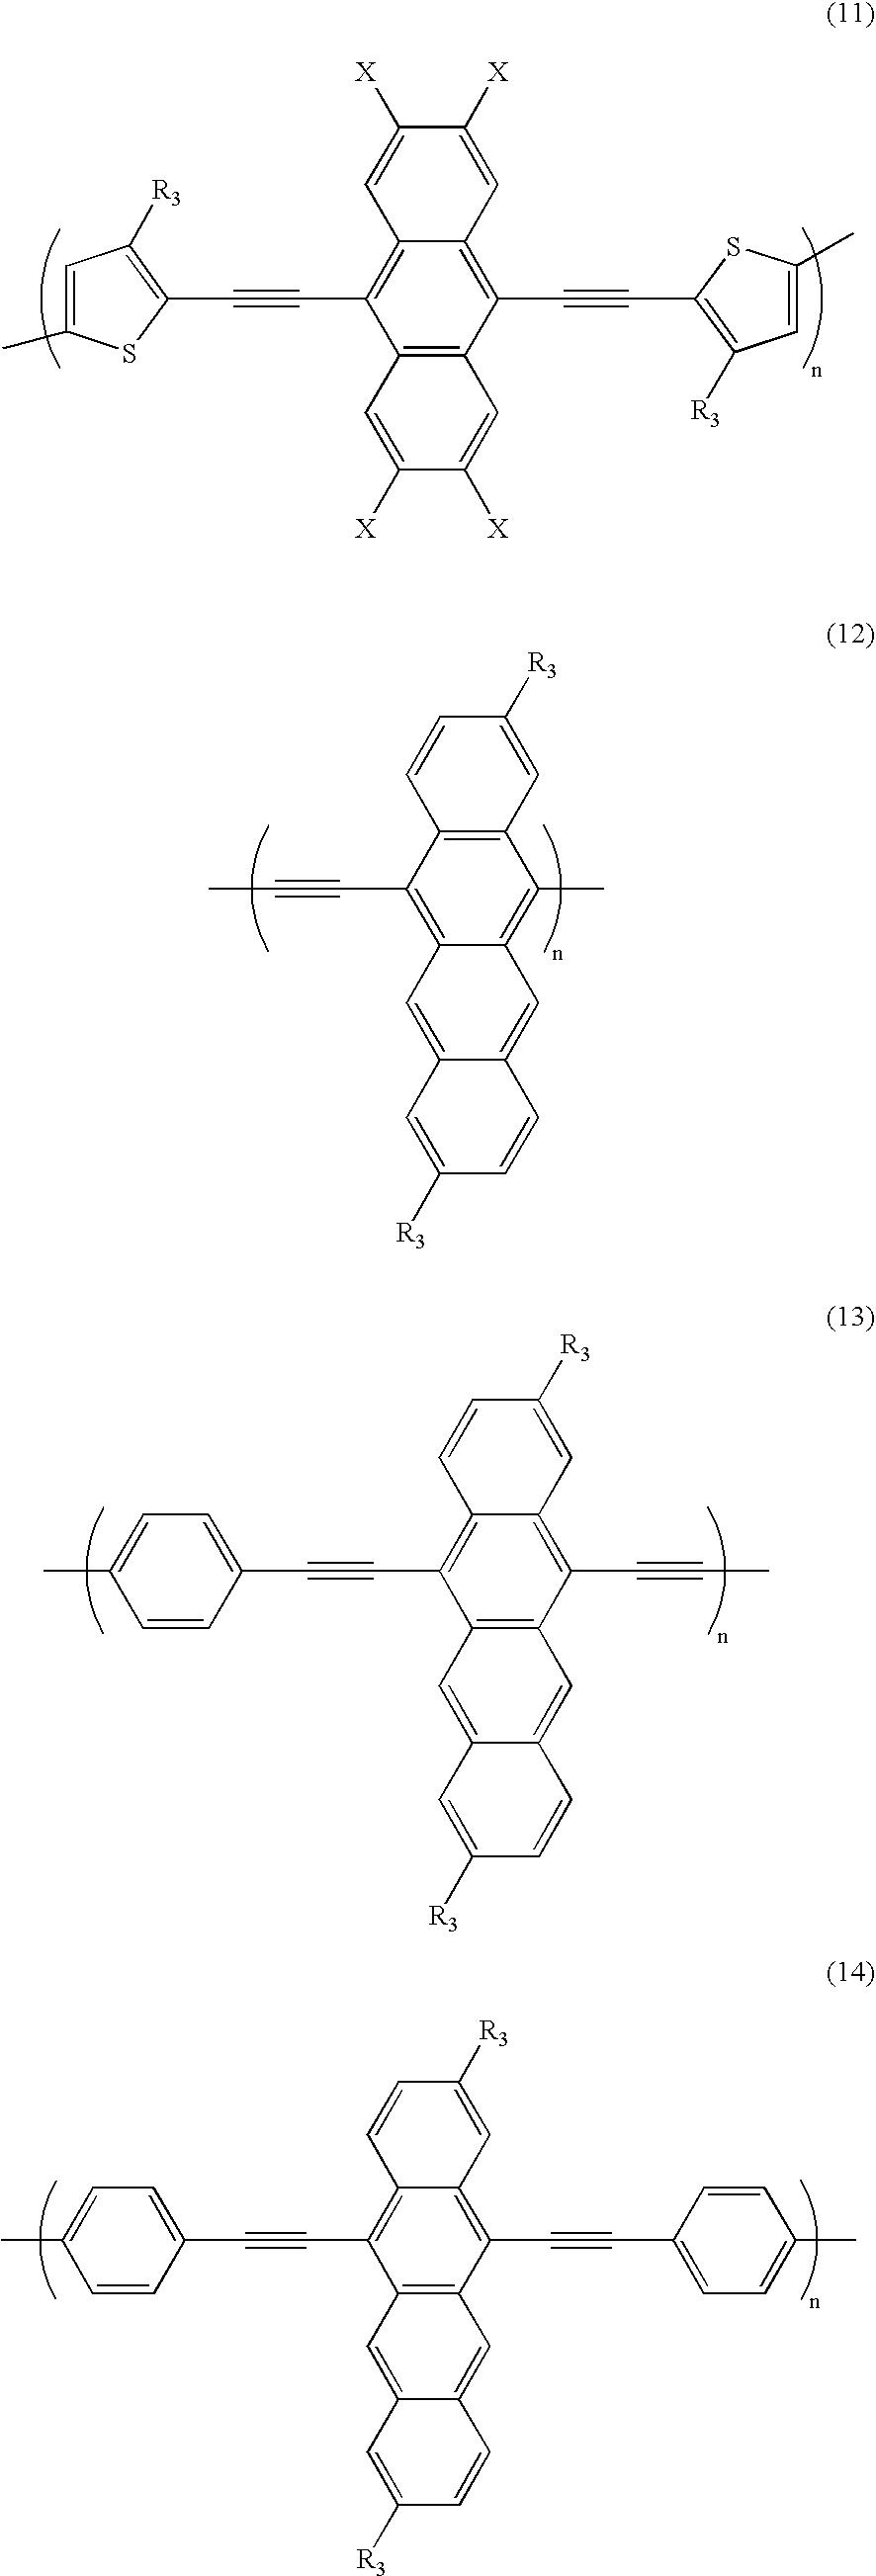 Figure US20070235725A1-20071011-C00020